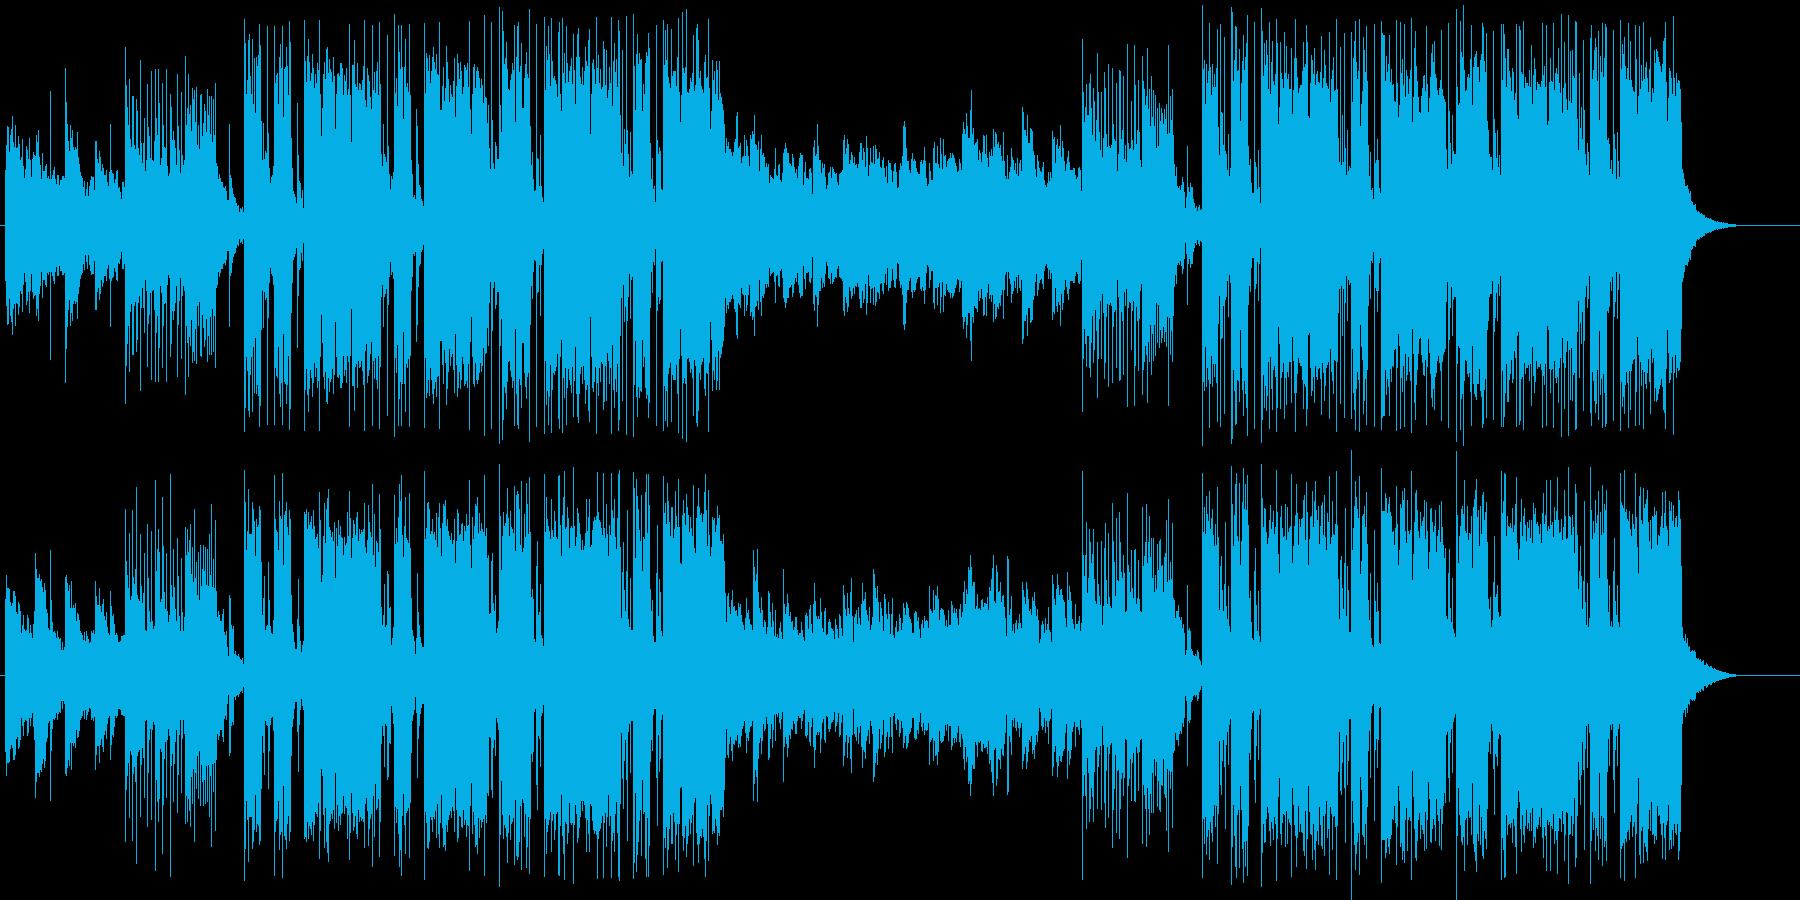 和風Future Bass・お洒落の再生済みの波形